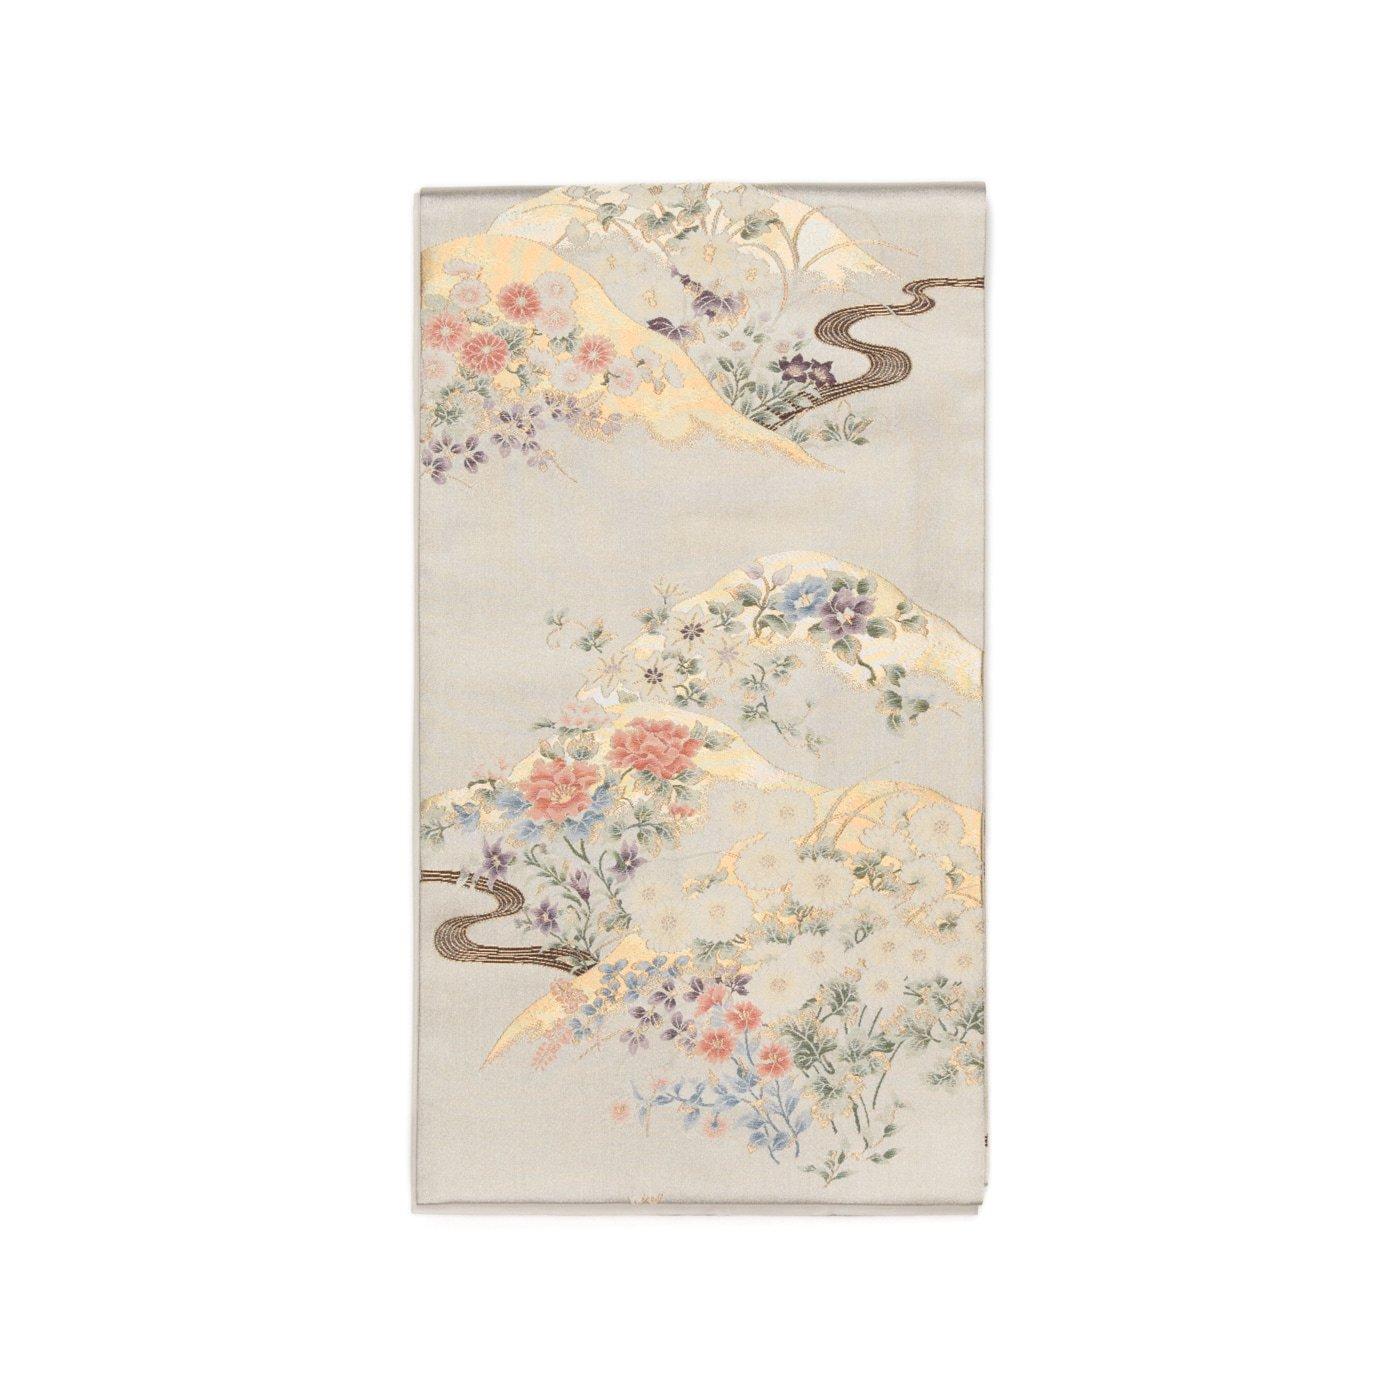 「袋帯●シャンパンゴールドの地 山と花」の商品画像